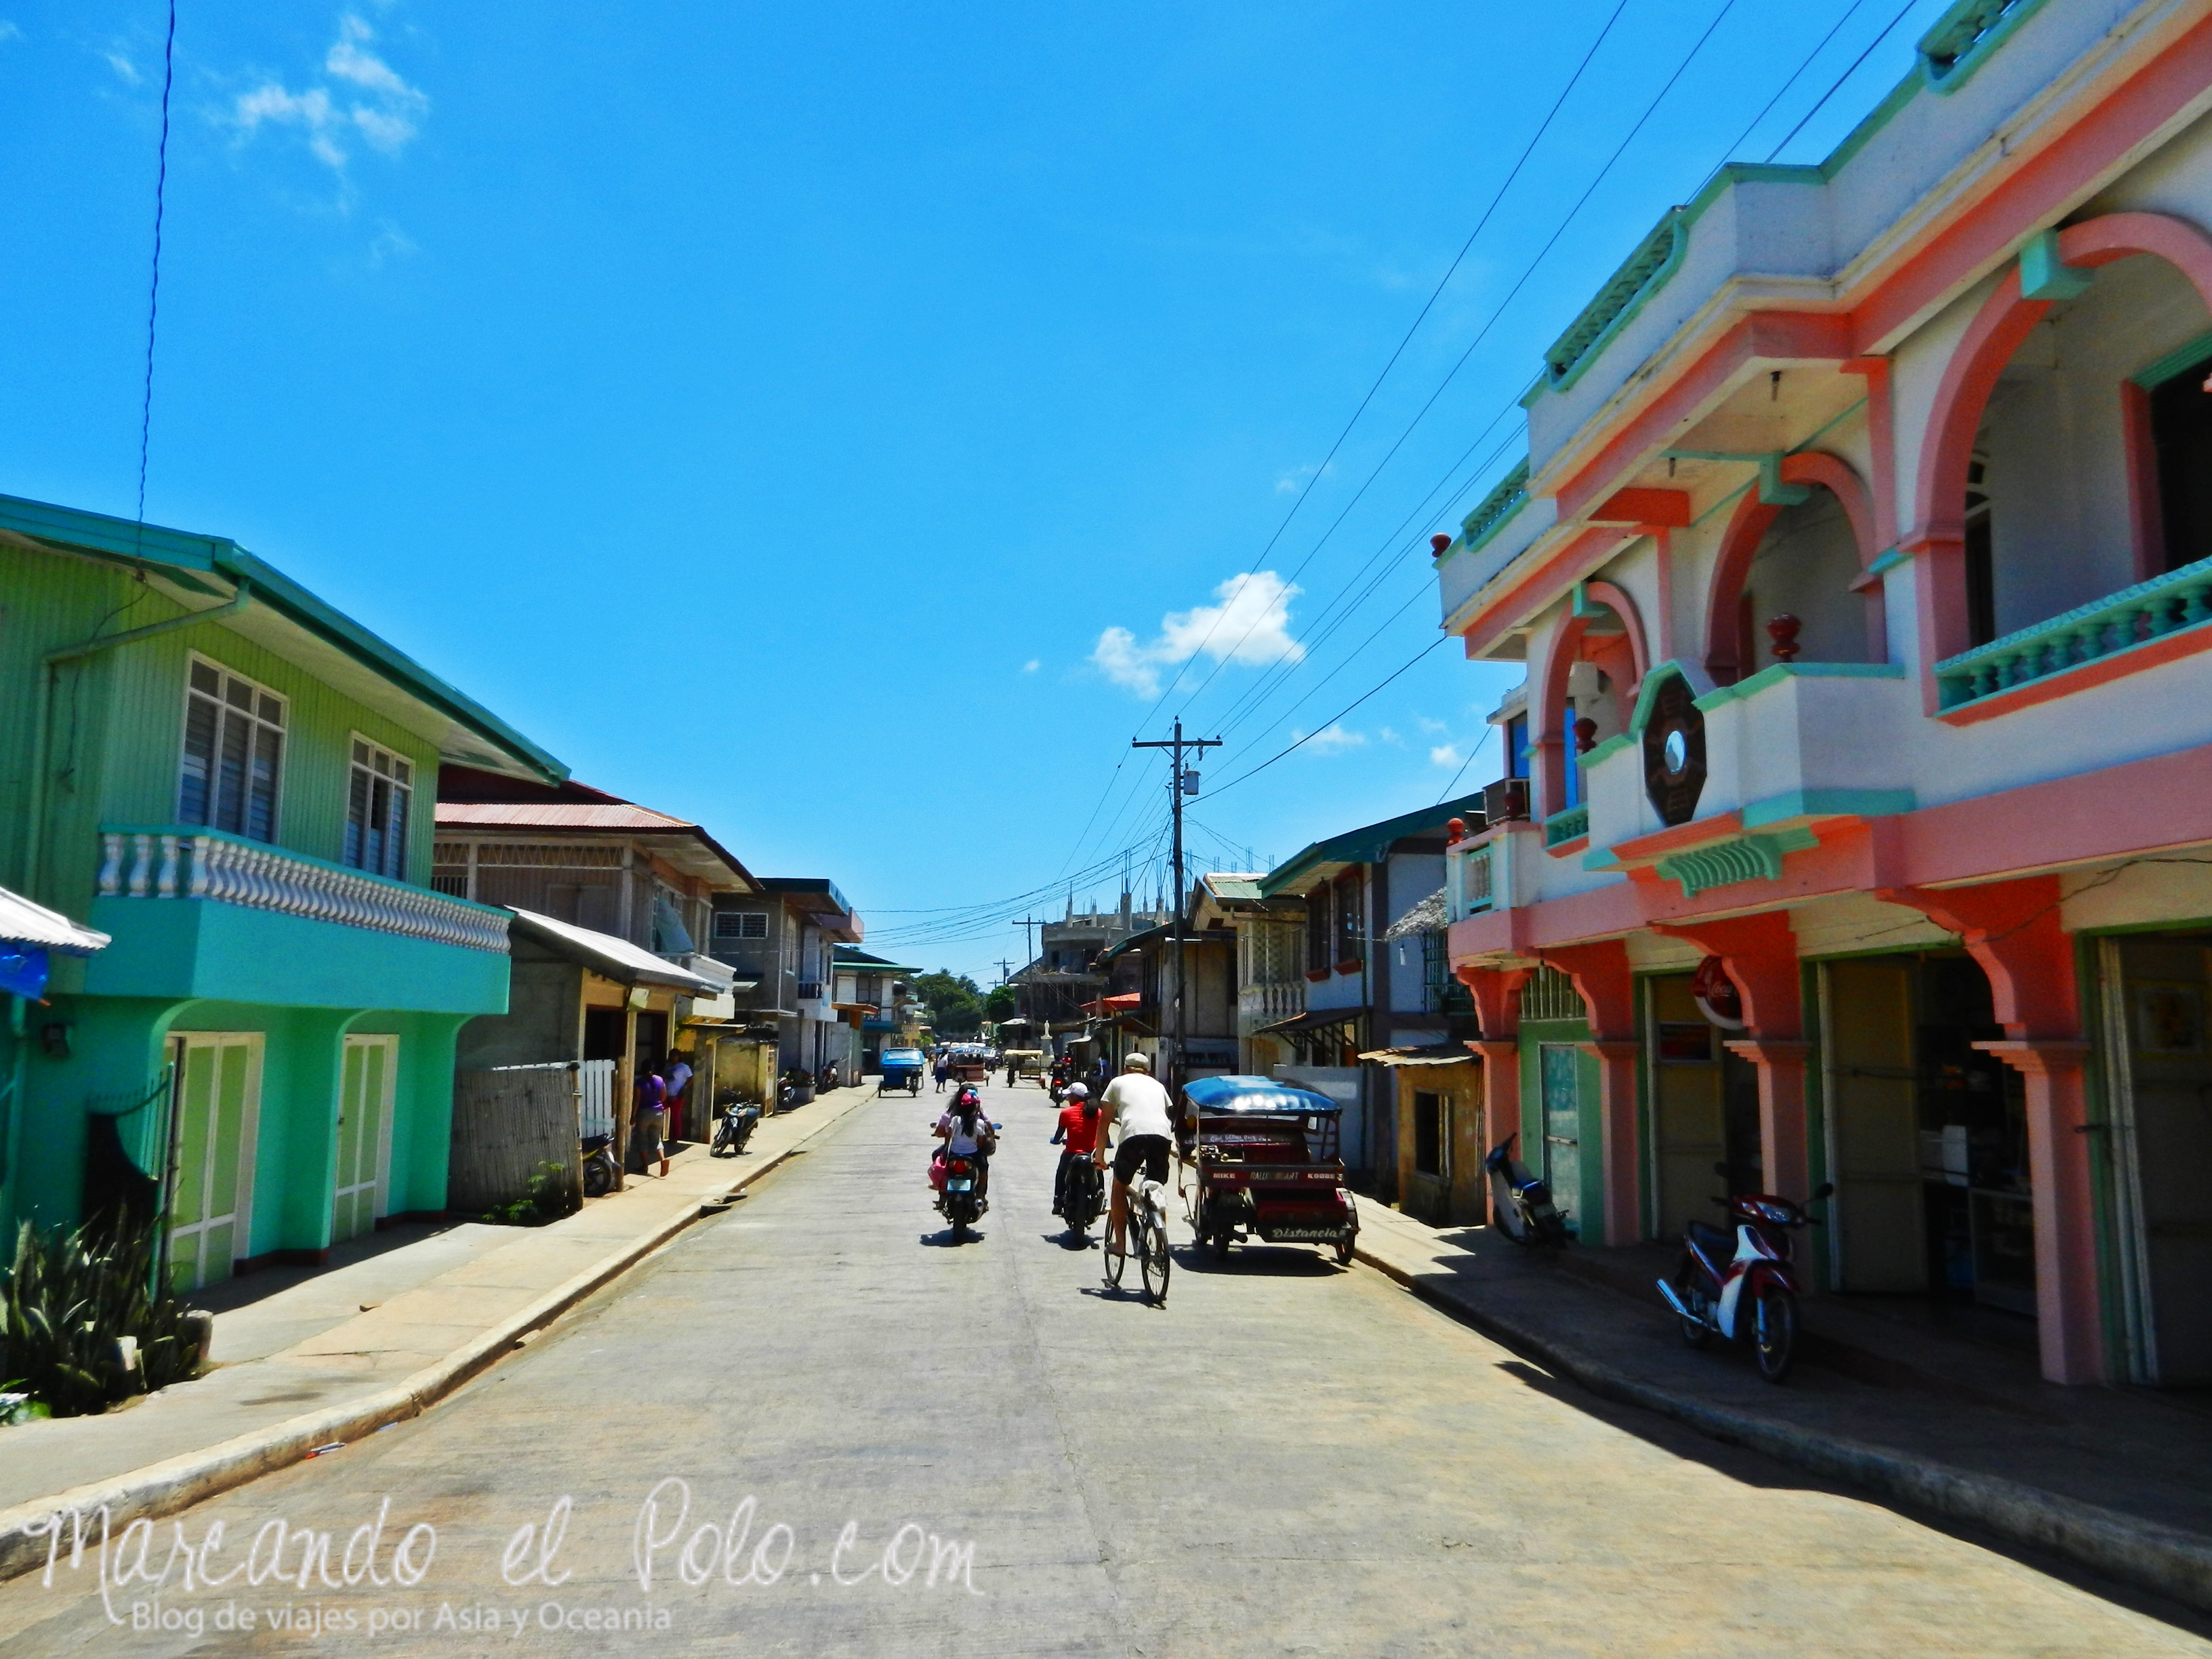 Islas Cuyo, Filipinas: tranquilas calles